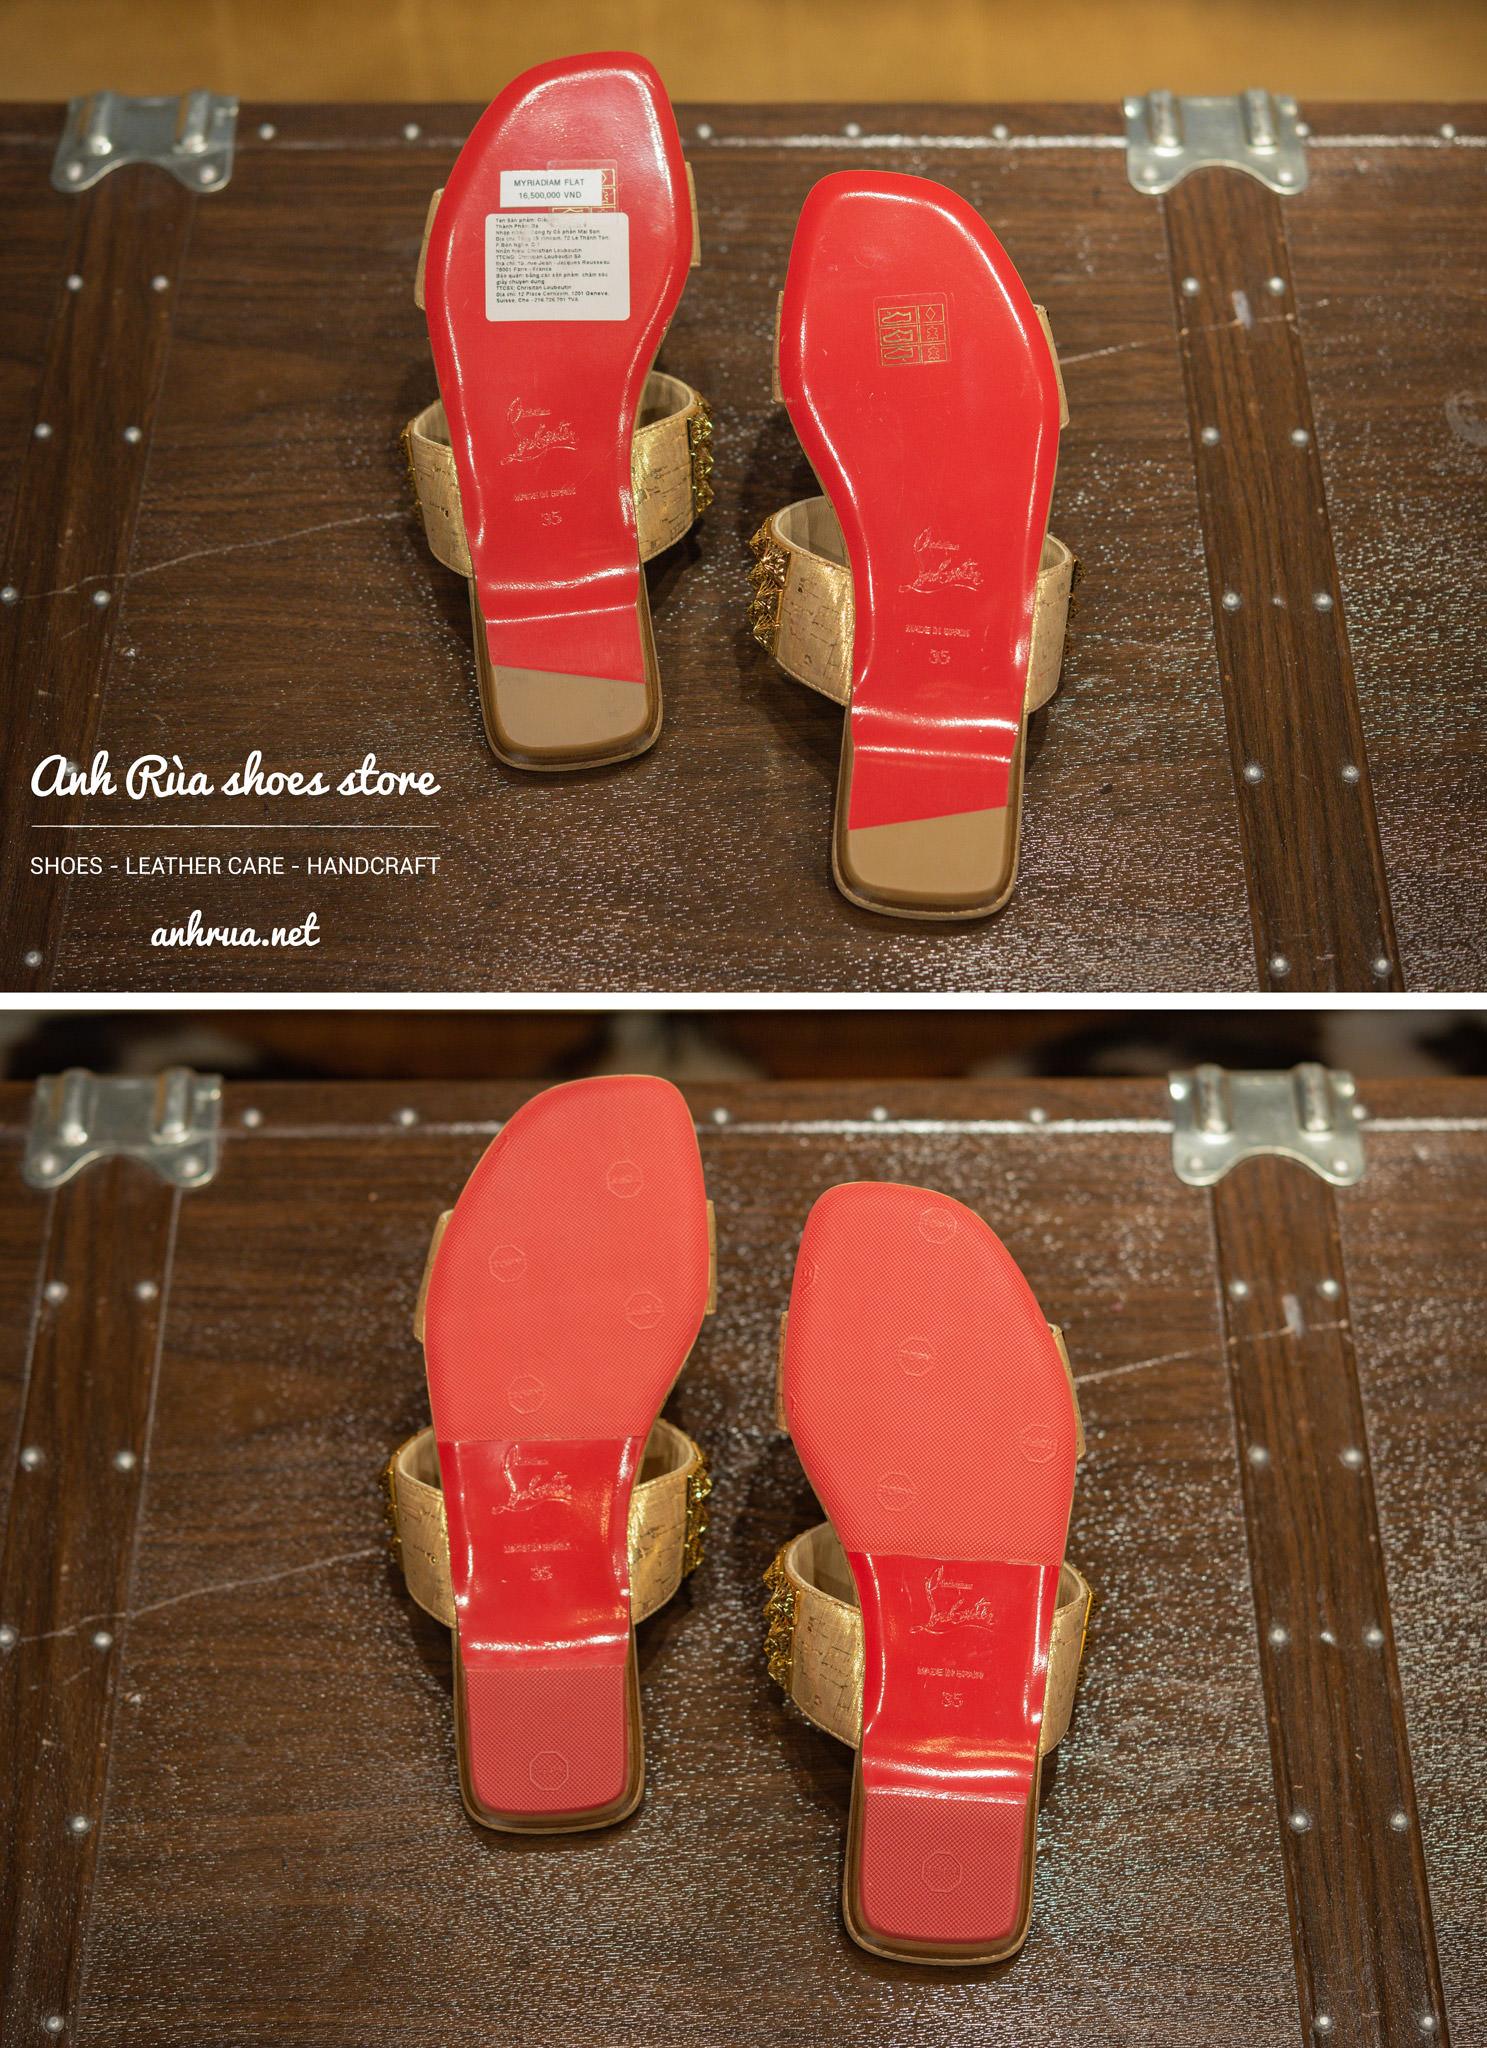 Dán đế giày Topy đỏ trước và sau